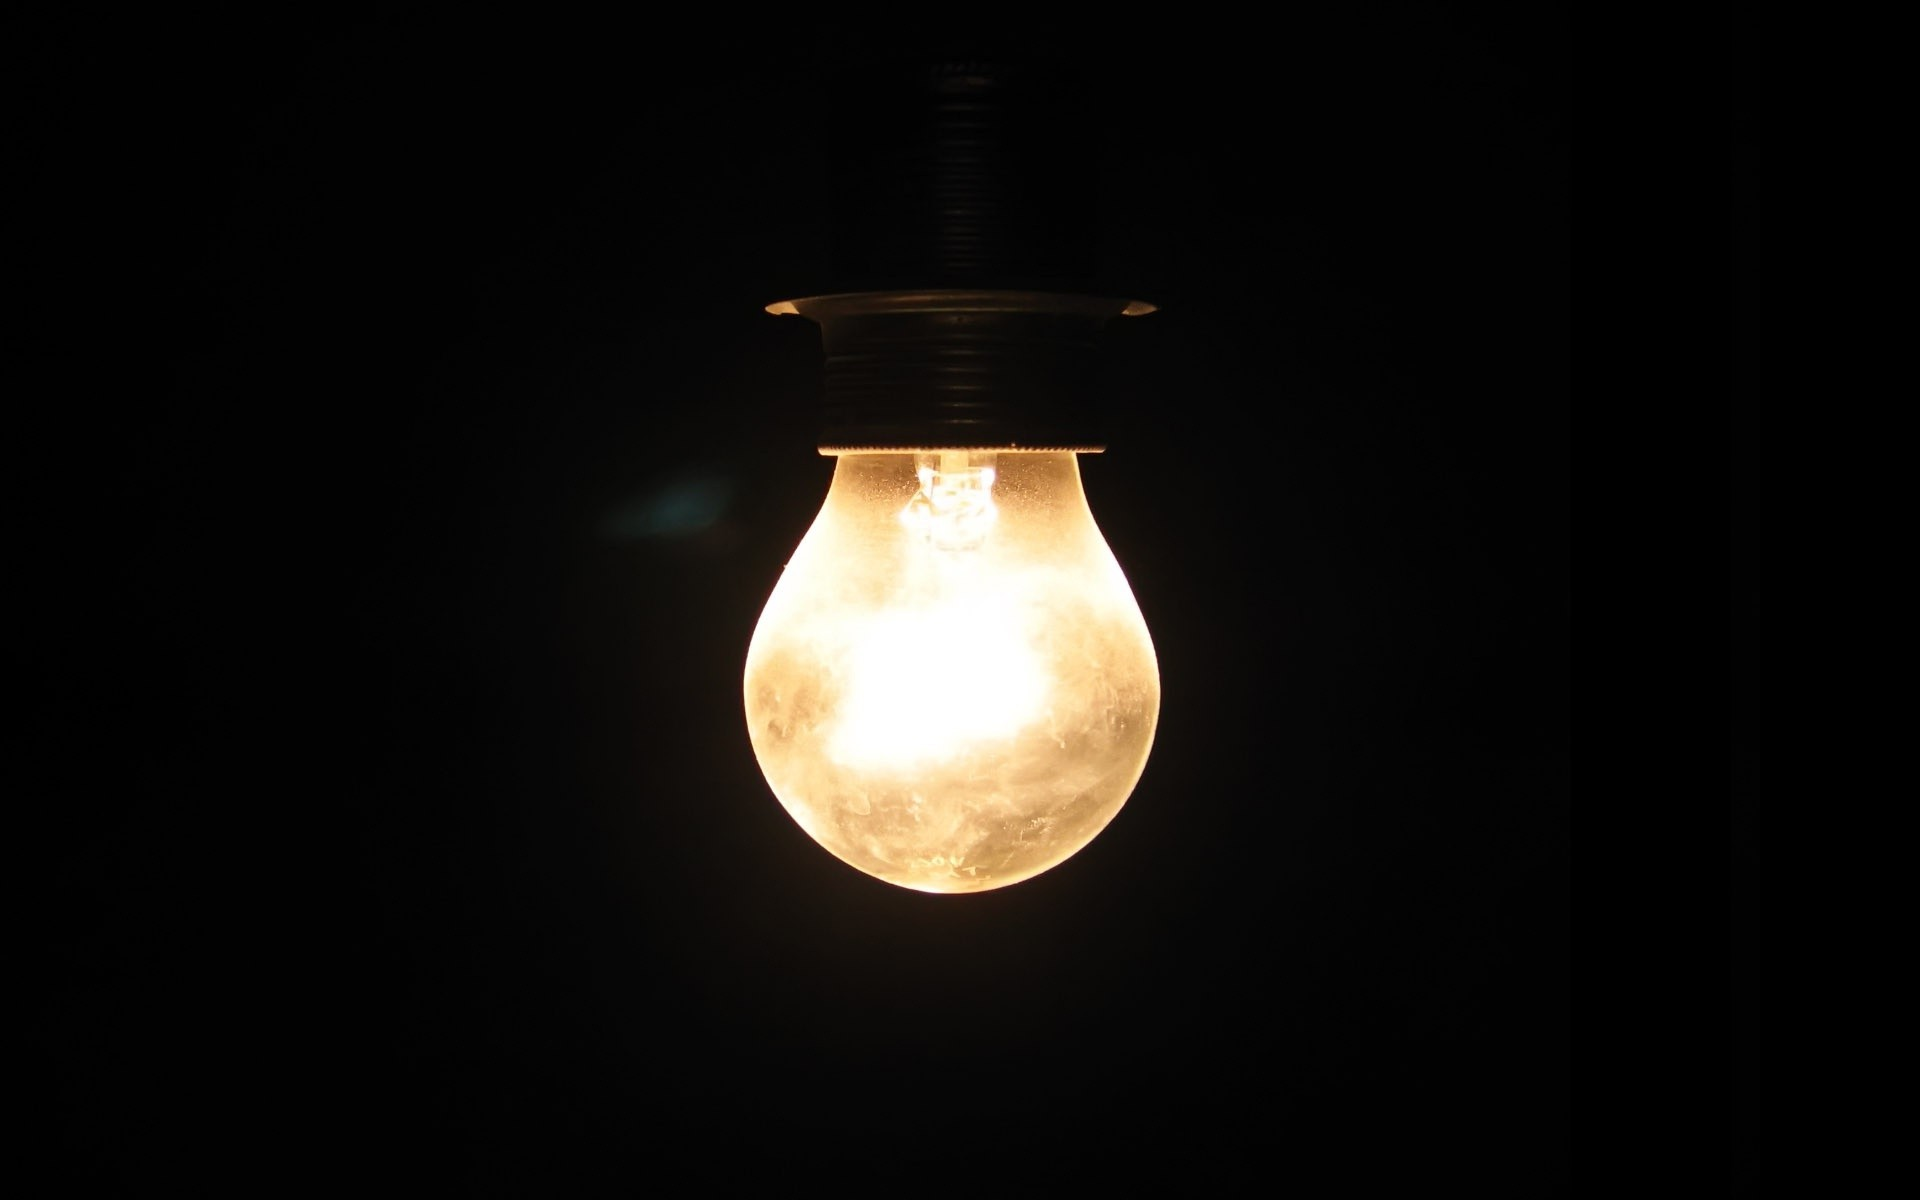 Light Bulb Wall Warisan Lighting